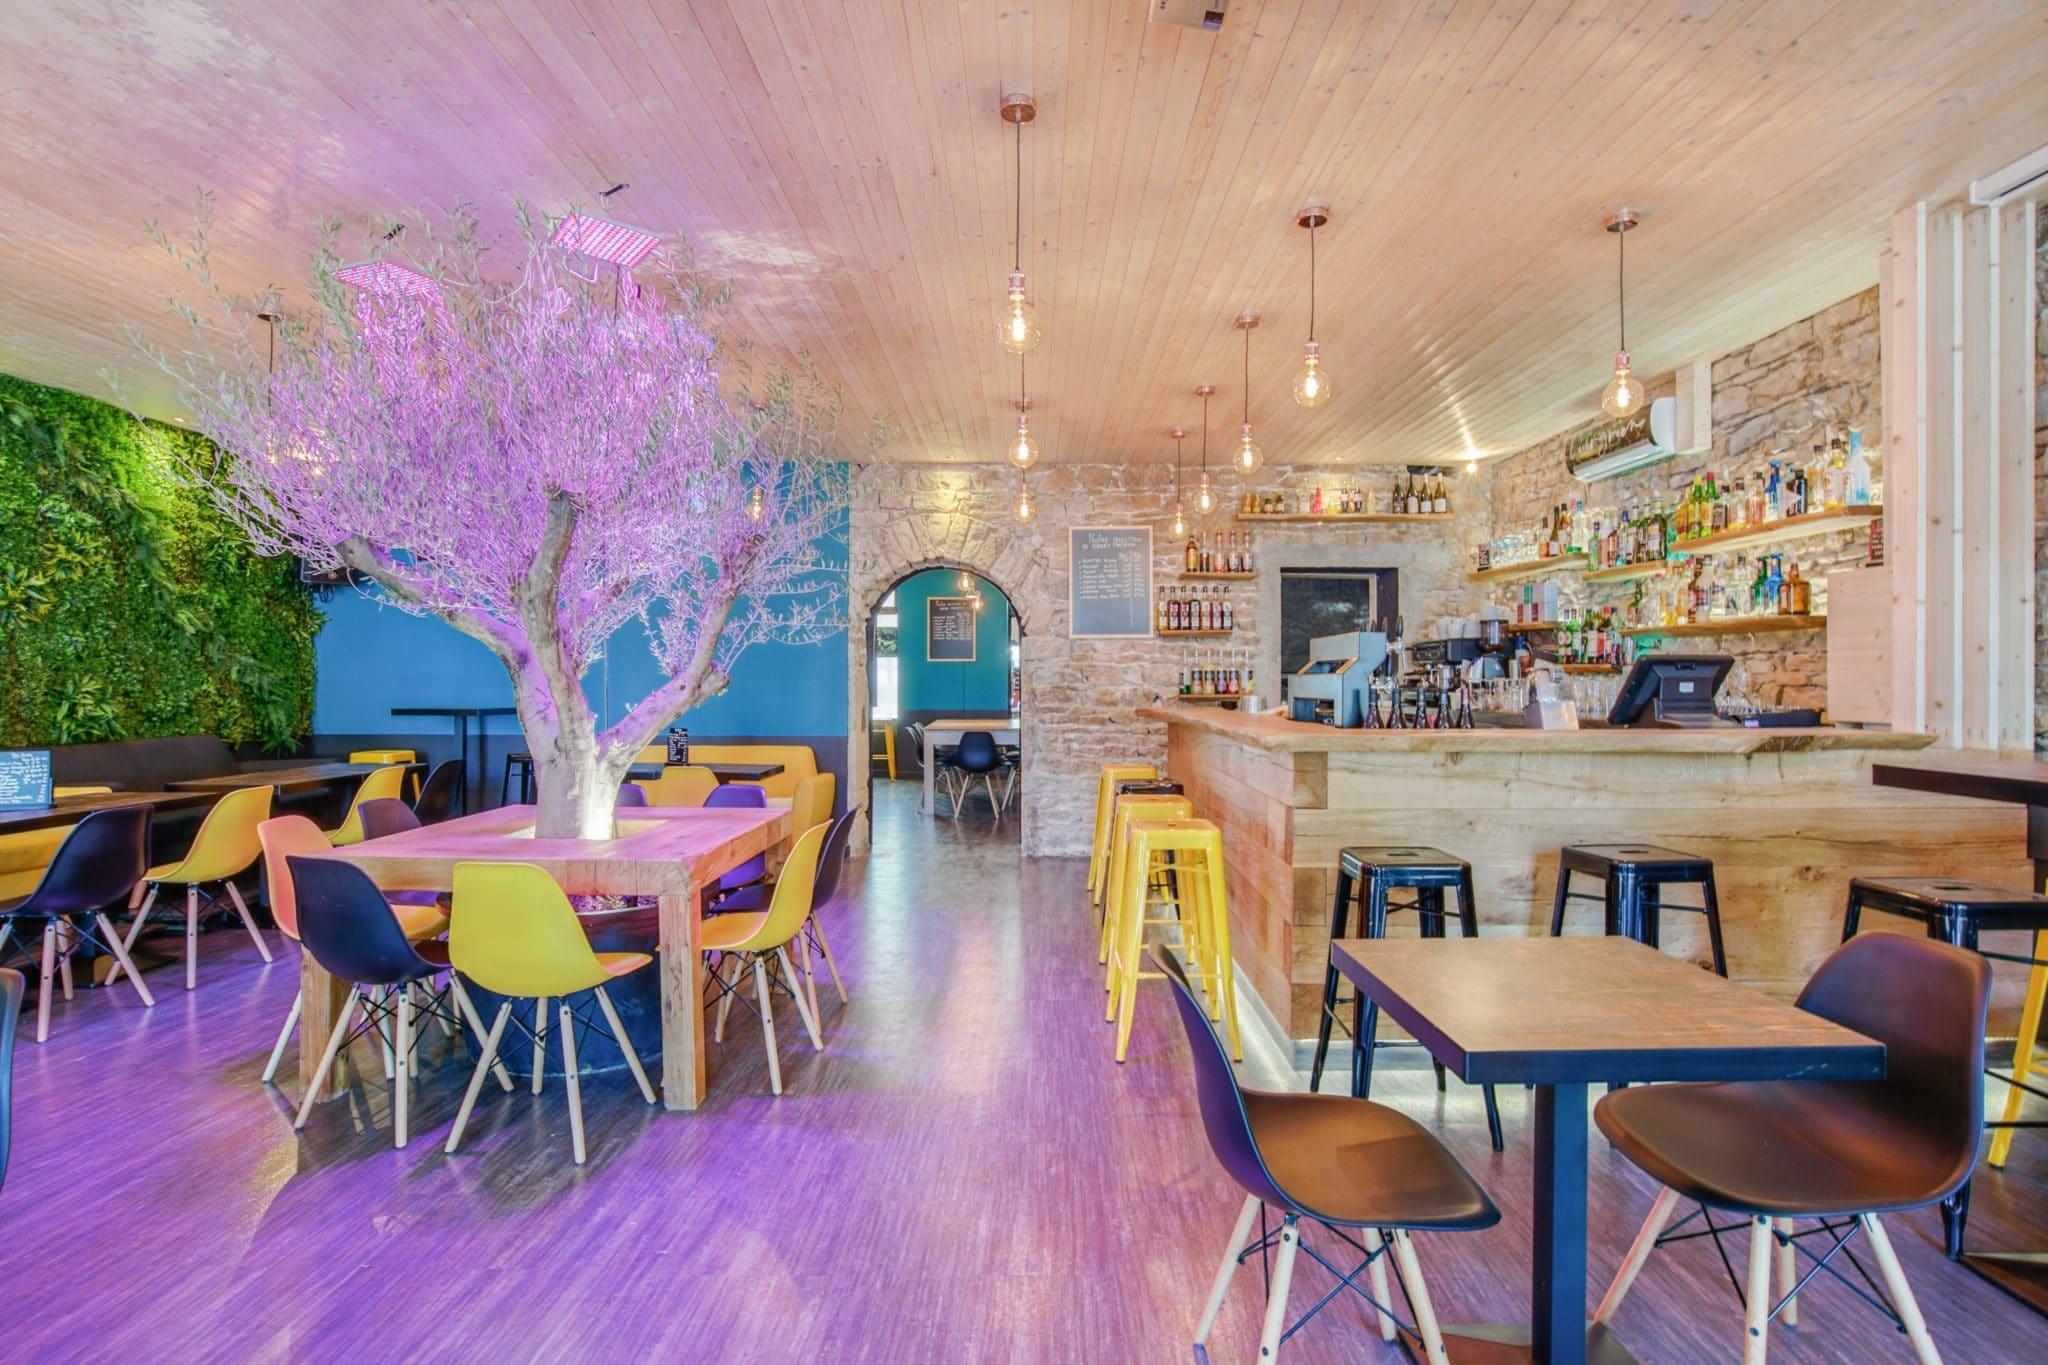 Rénovation totale d'un restaurant à Lyon 6 (69)